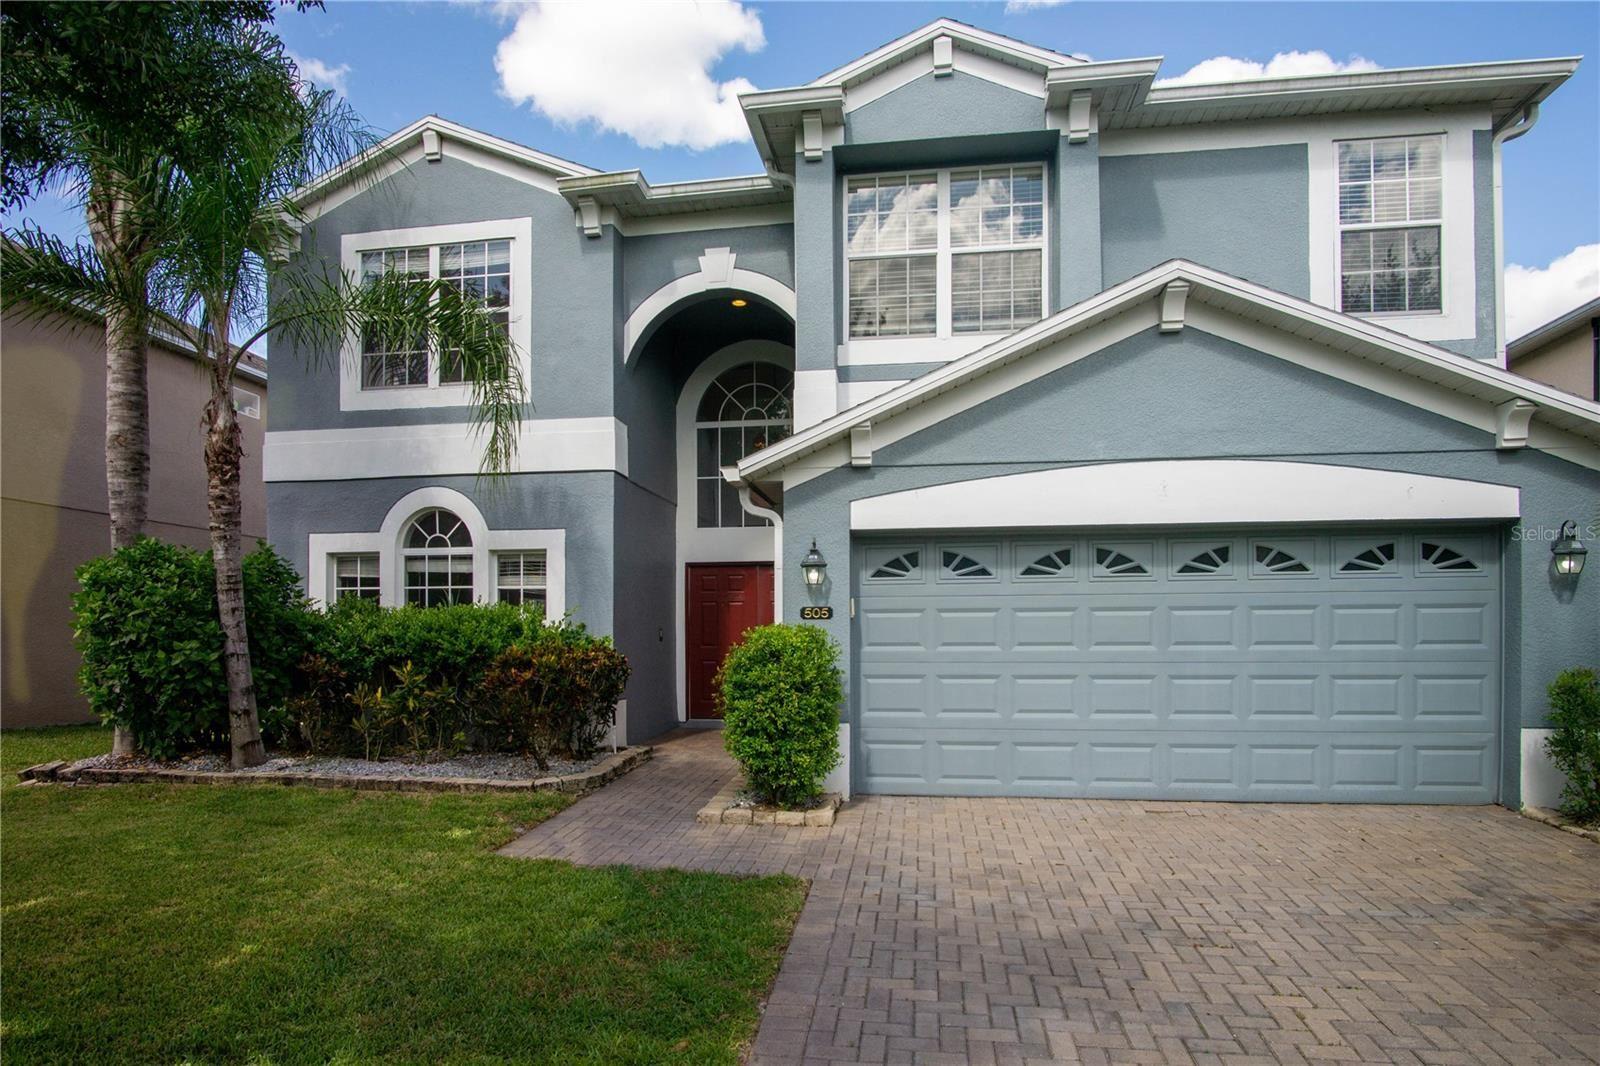 505 CORTONA DRIVE, Orlando, FL 32828 - #: O5981621